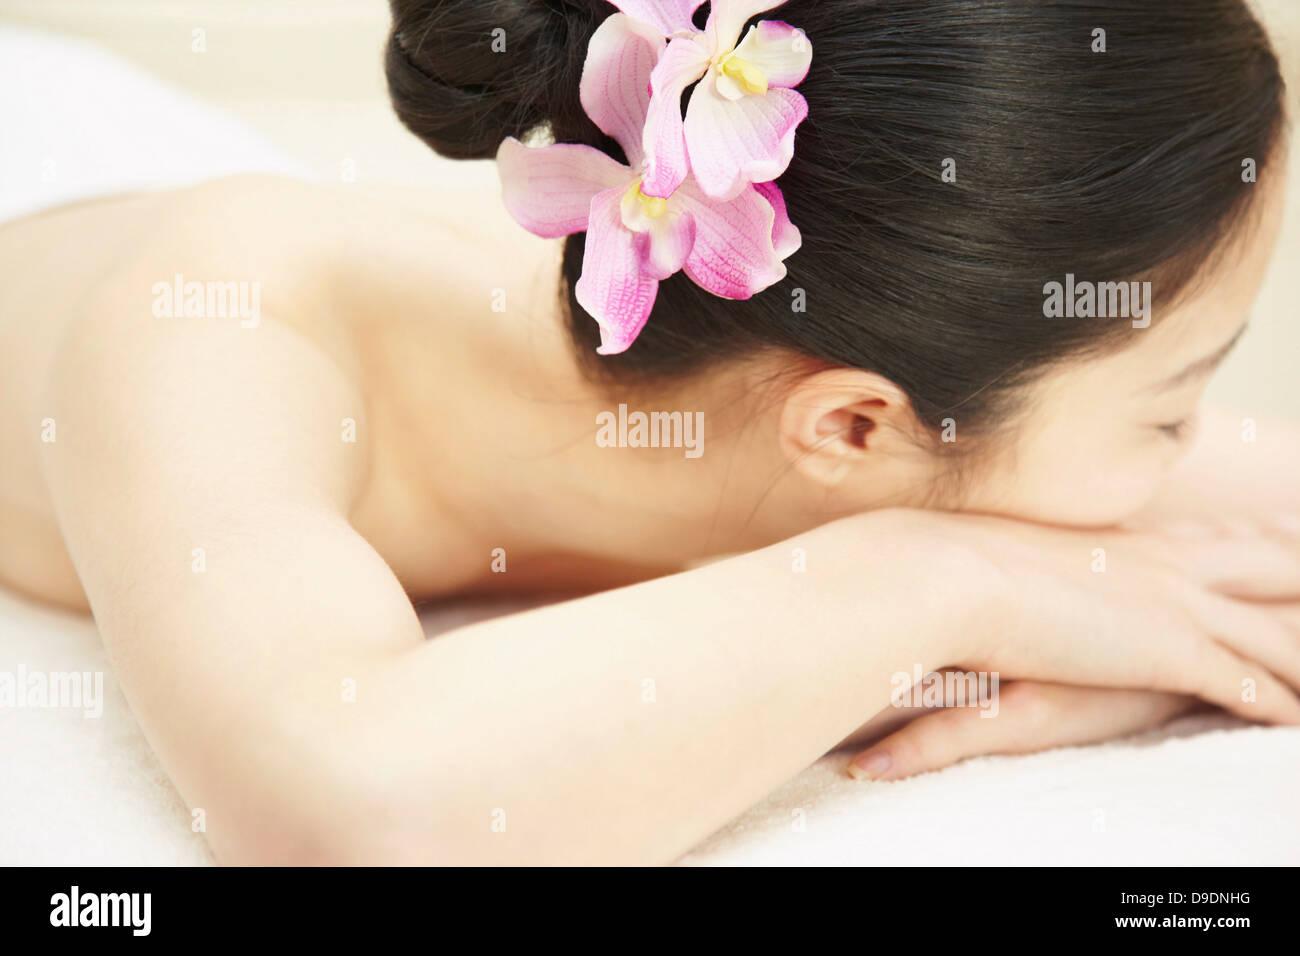 Femme avec fleur rose dans les cheveux Photo Stock